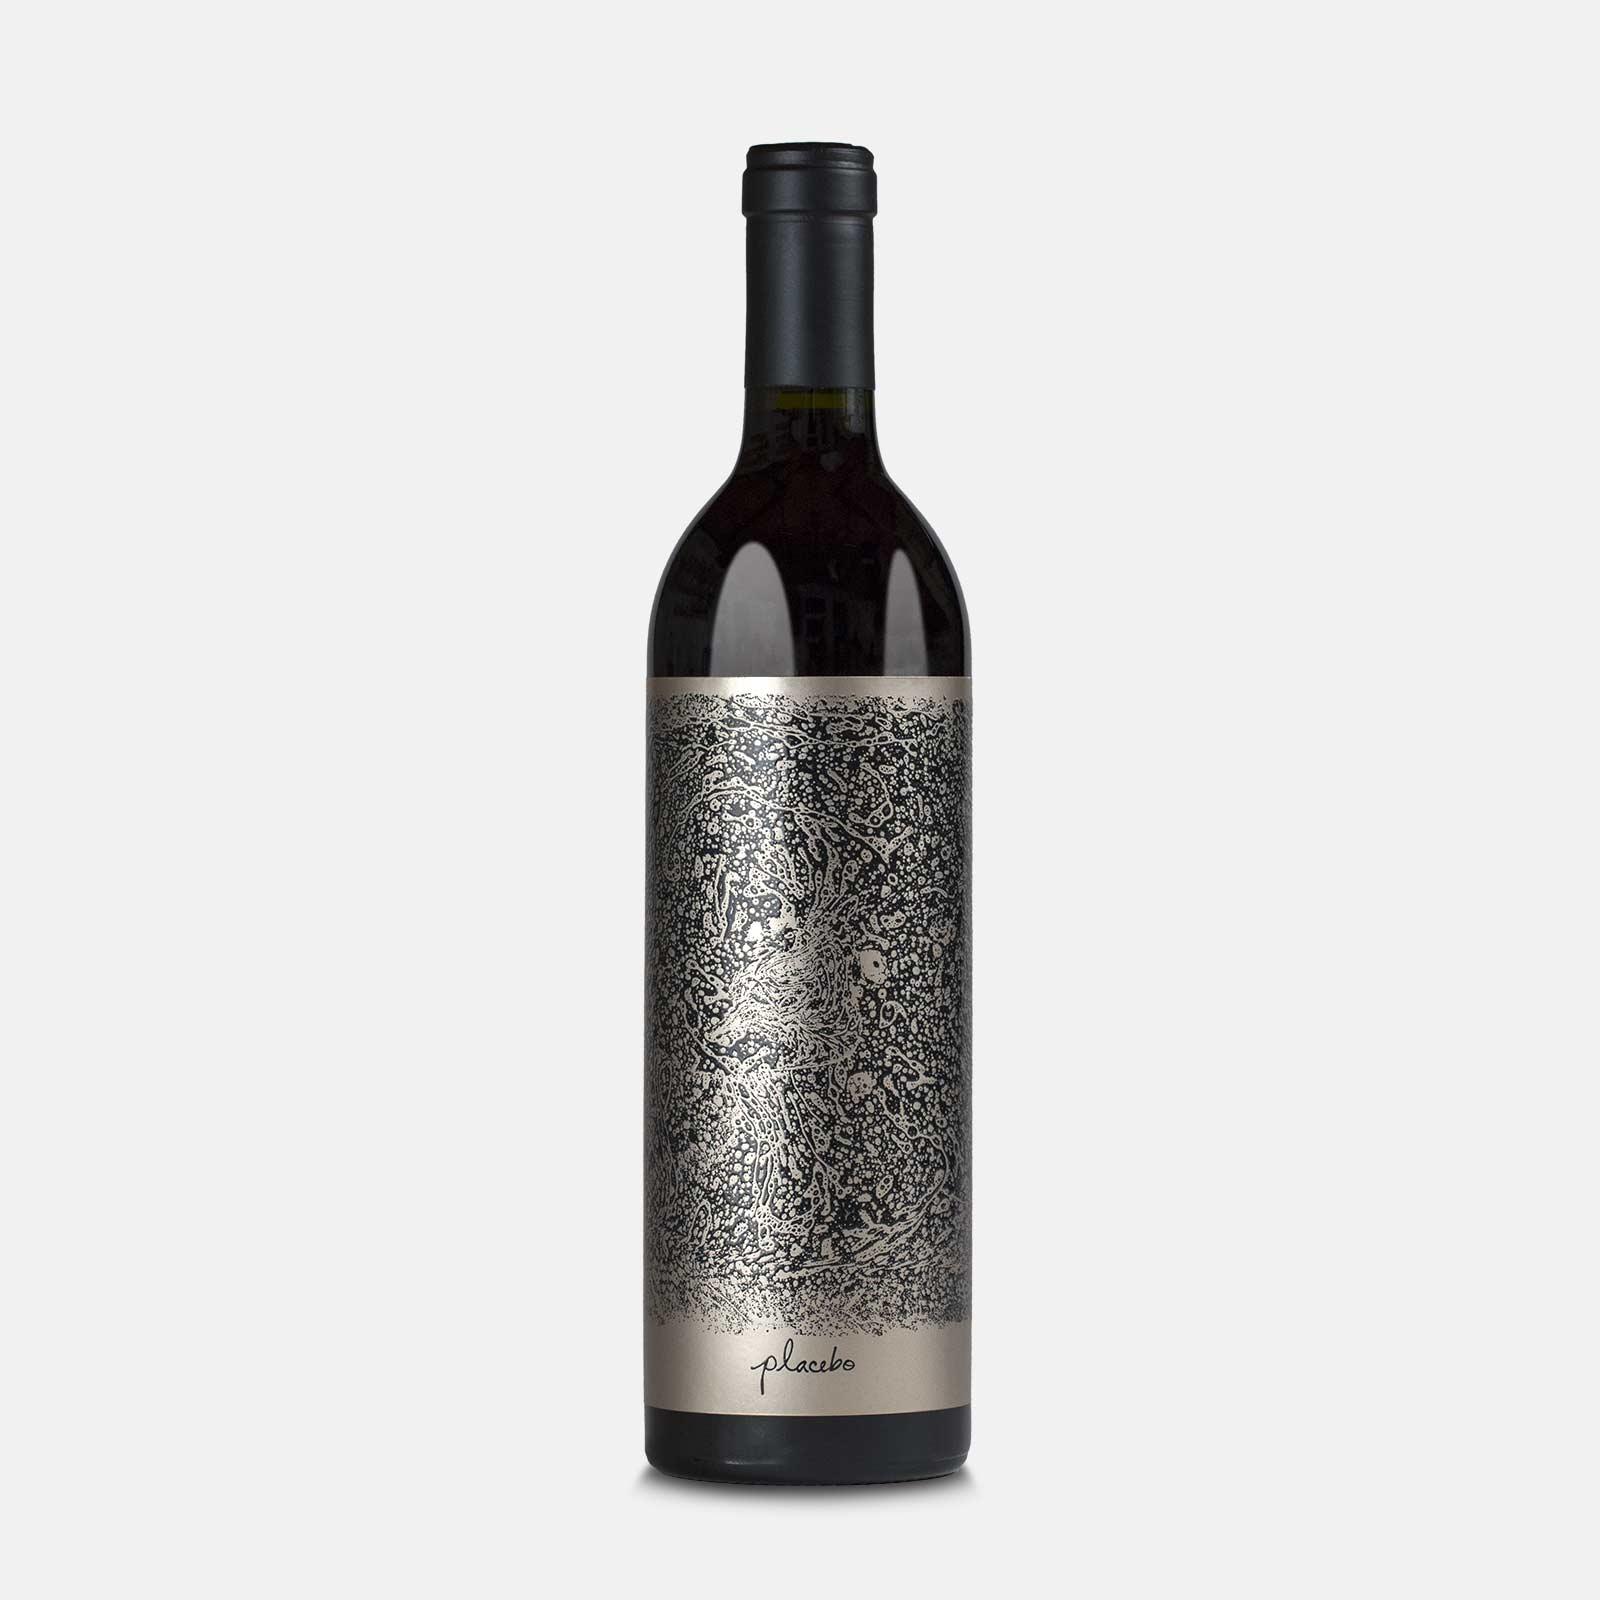 placebo-third-coast-wines-bottle.jpg